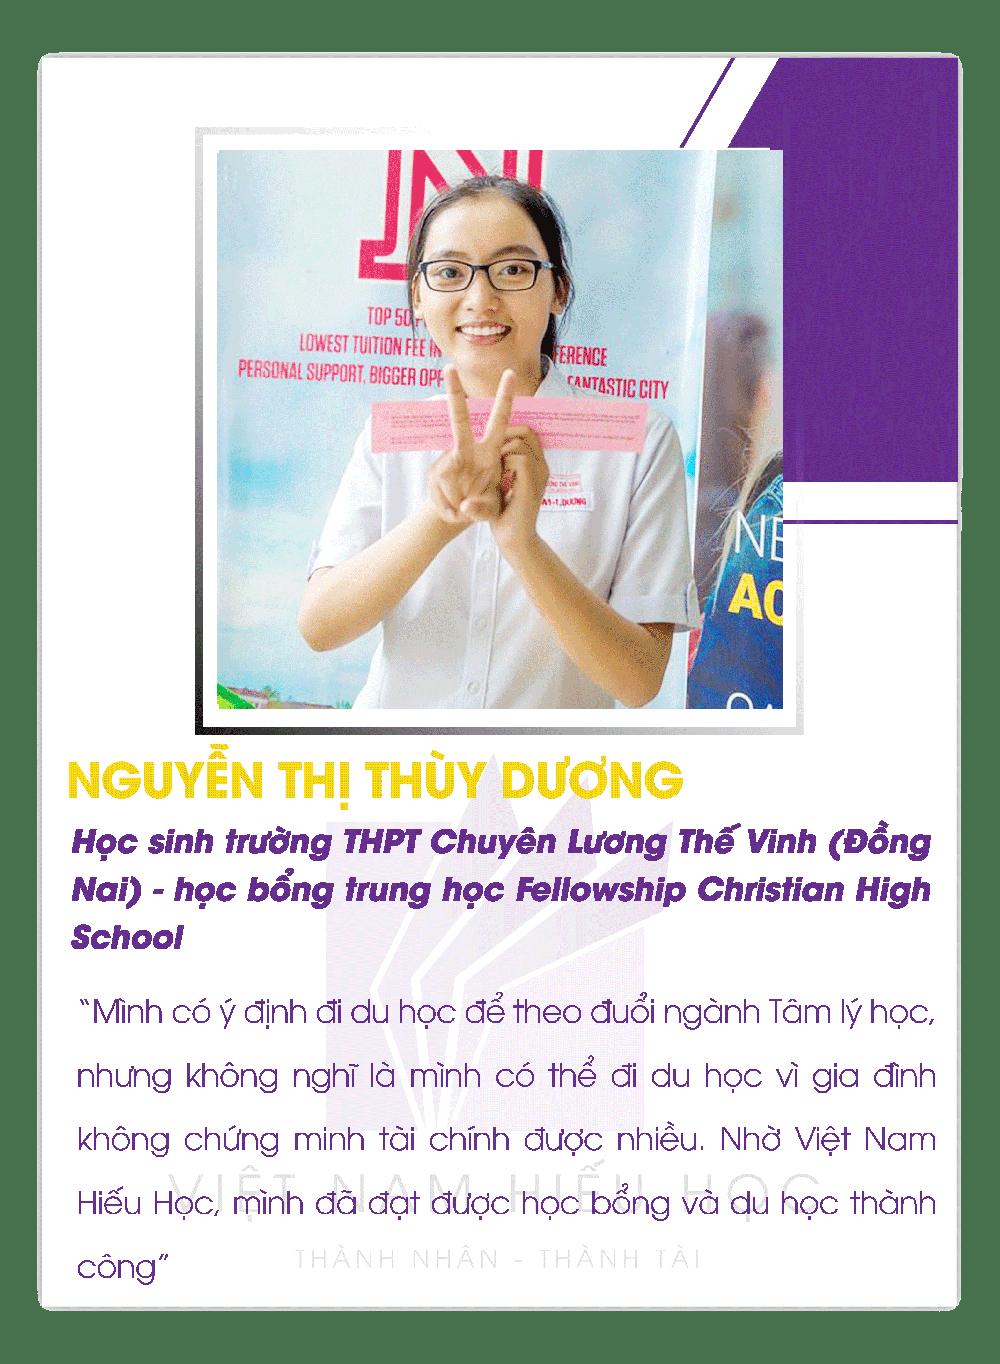 thuy-duong-01-min